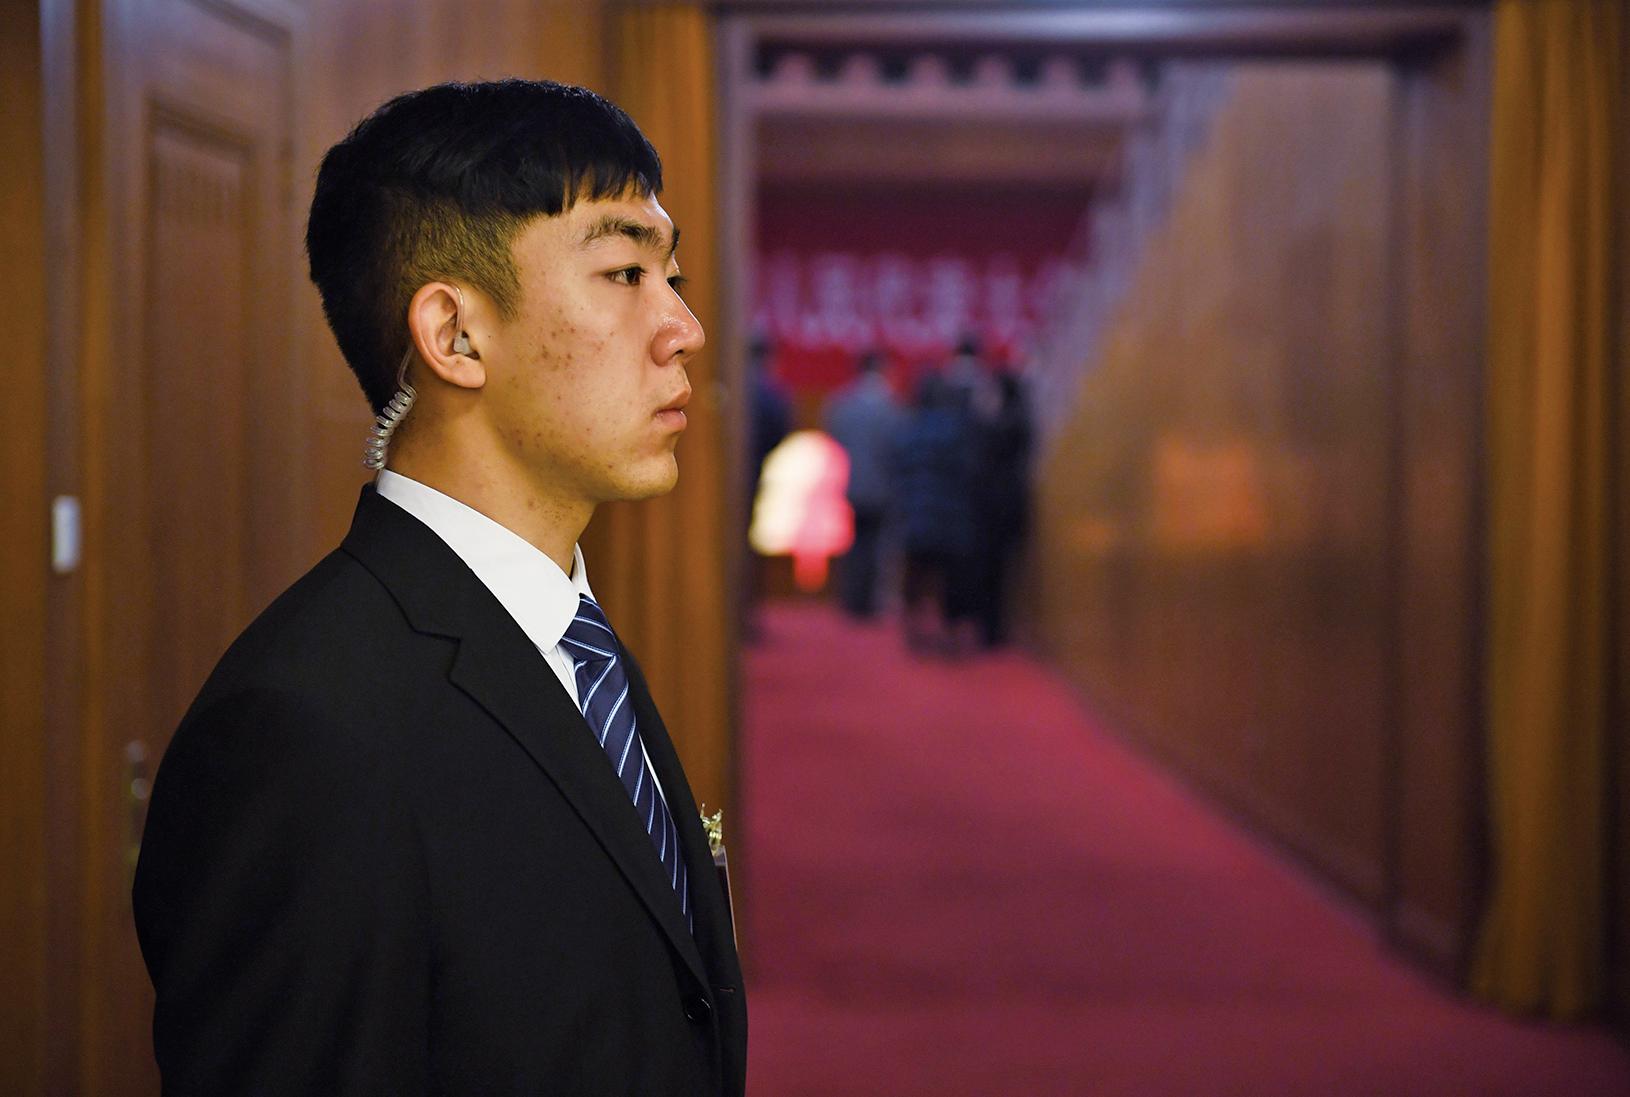 中共國安系統長期由江派曾慶紅掌控,已成為江派發起「另類政變」的最後勢力。(Getty Images)